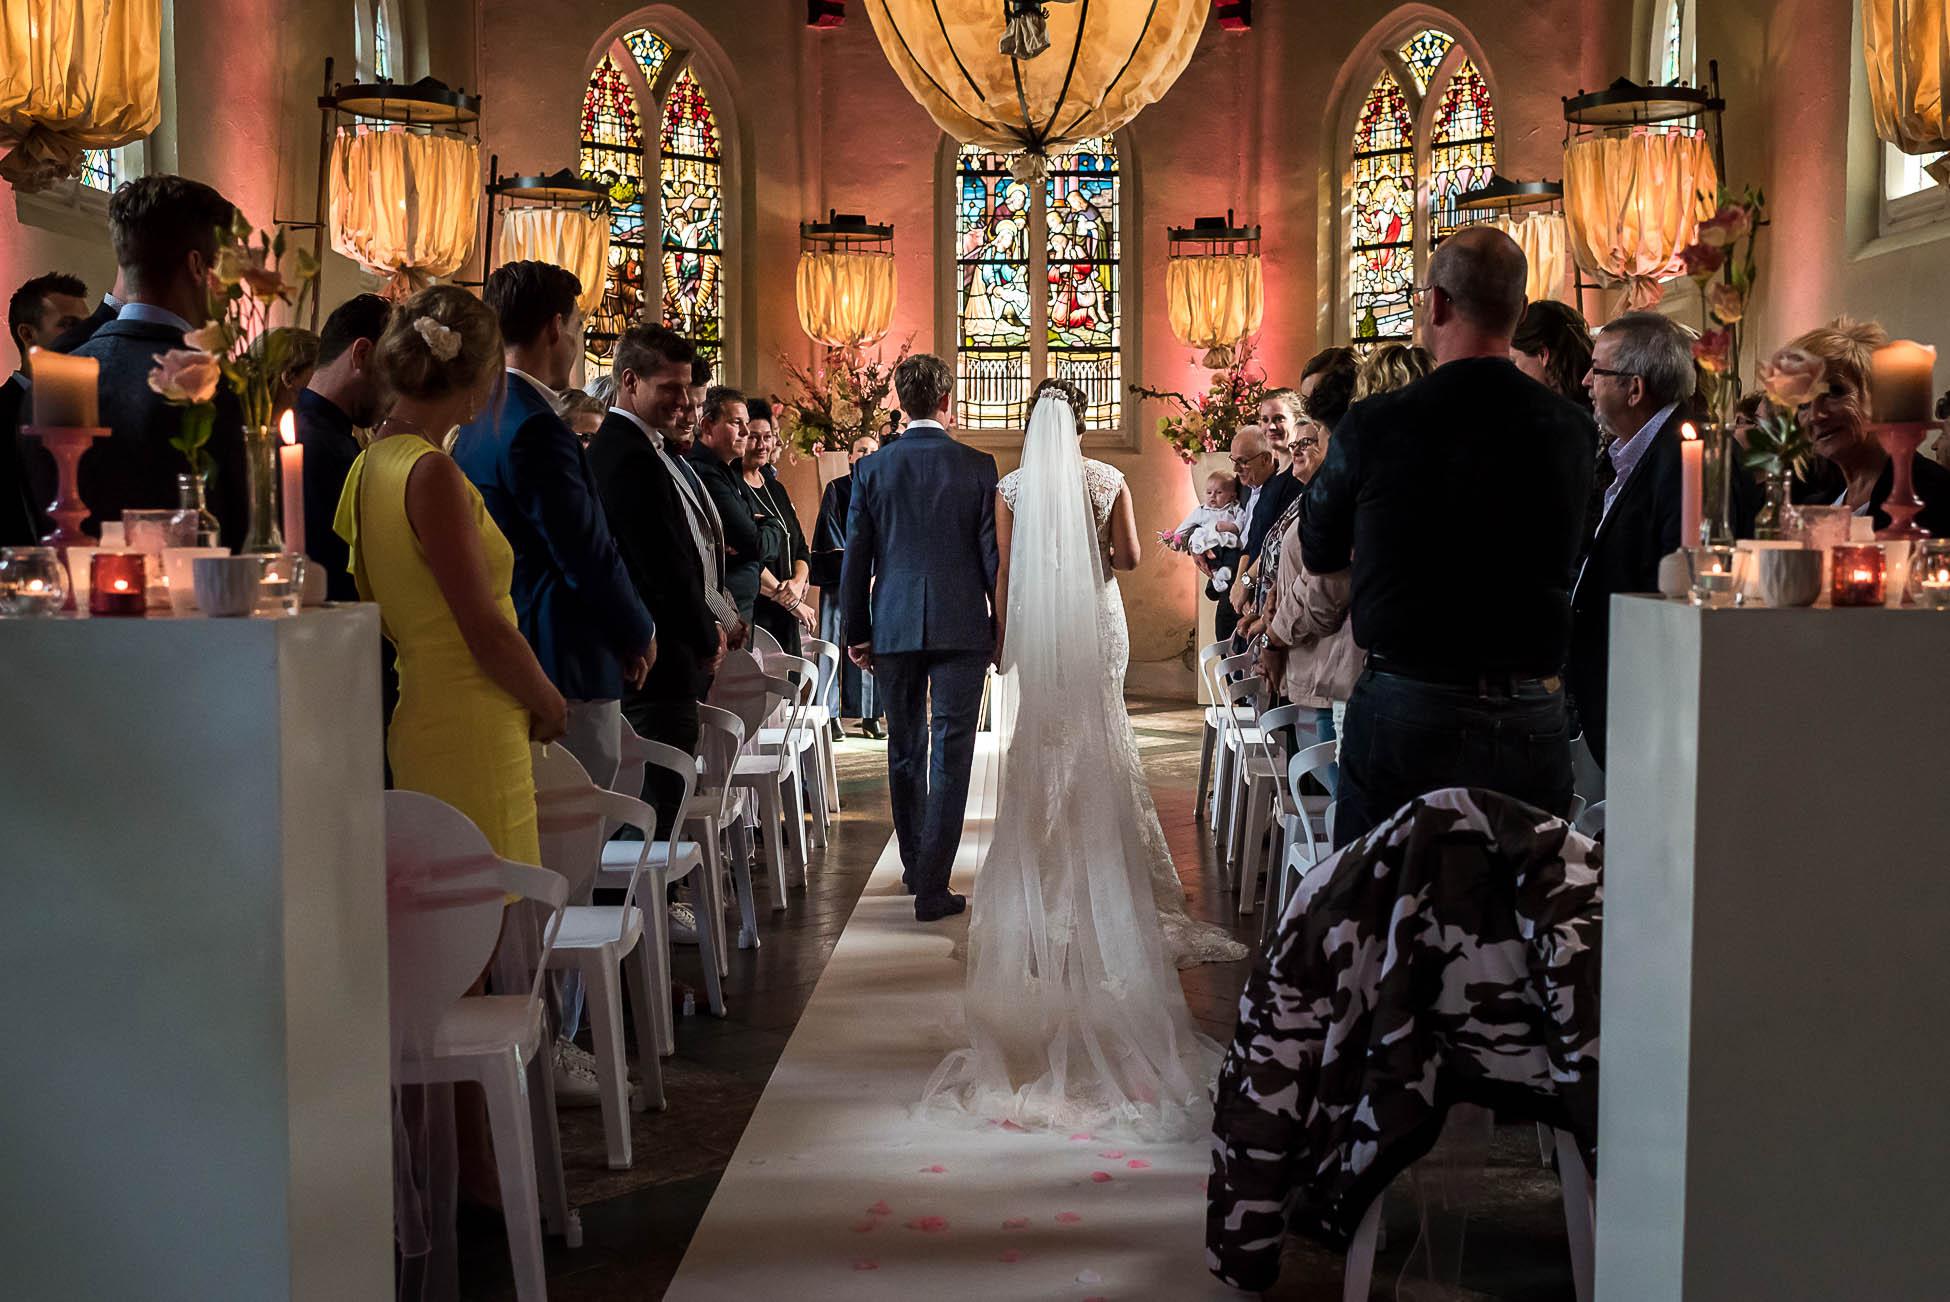 Kosten trouwfotograaf Zeist